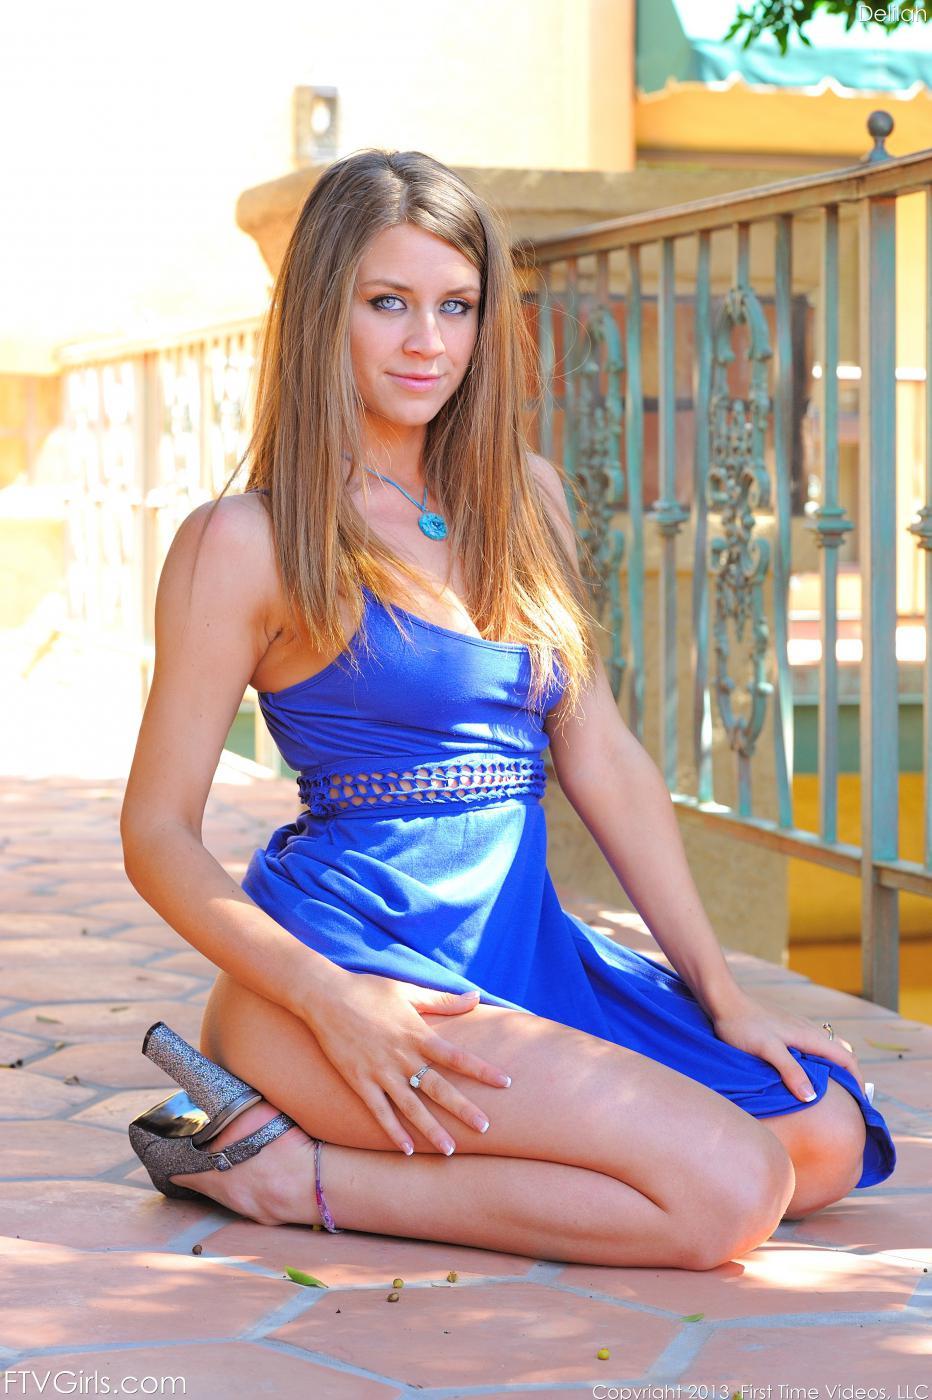 Брюнетка Delilah Blue снимает платье и показывает свое тело все более обнаженным